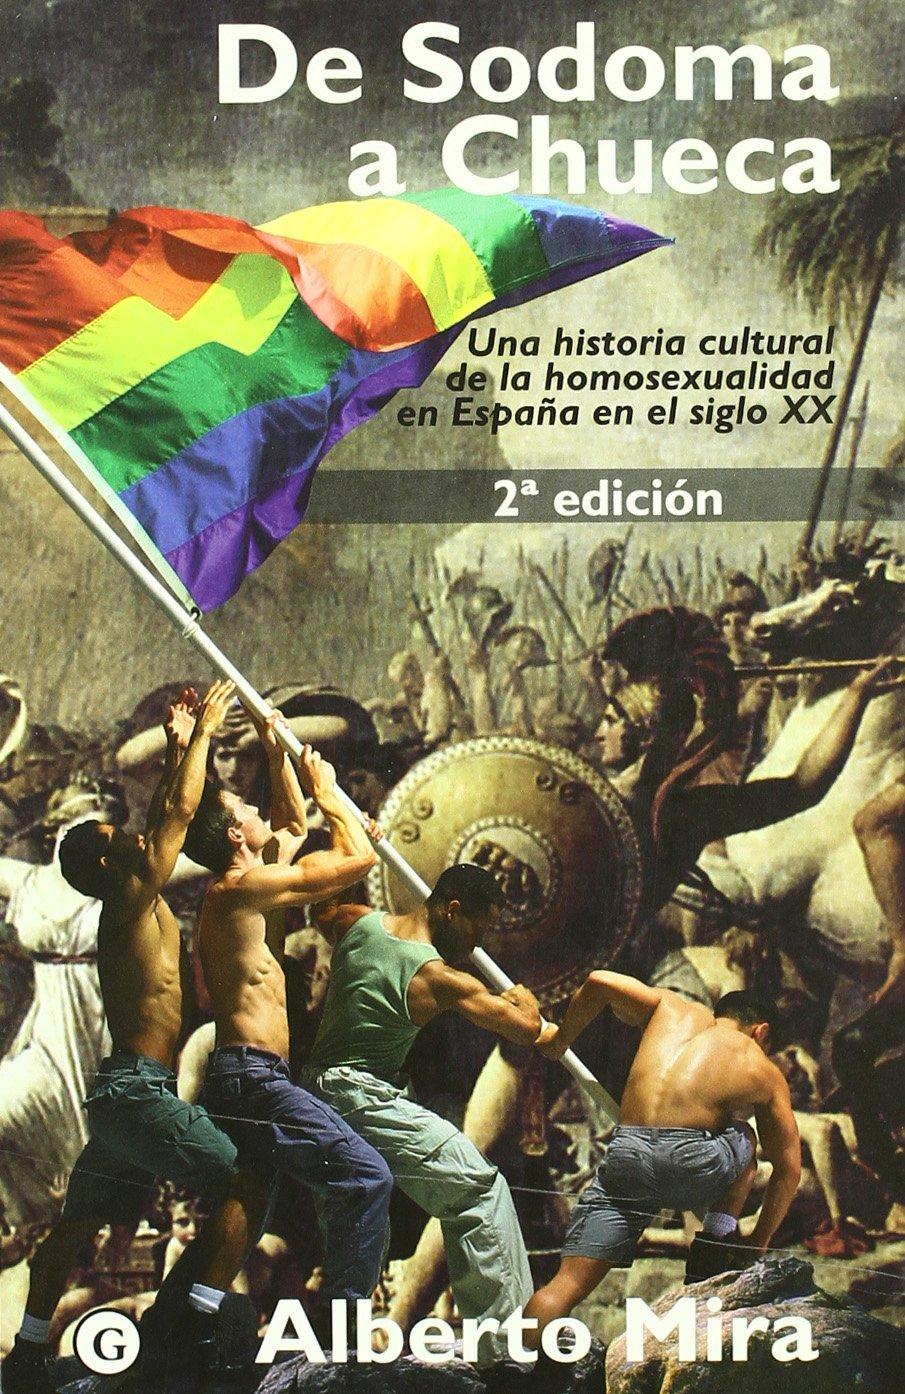 De Sodoma A Chueca (G): Amazon.es: Mira, Alberto: Libros